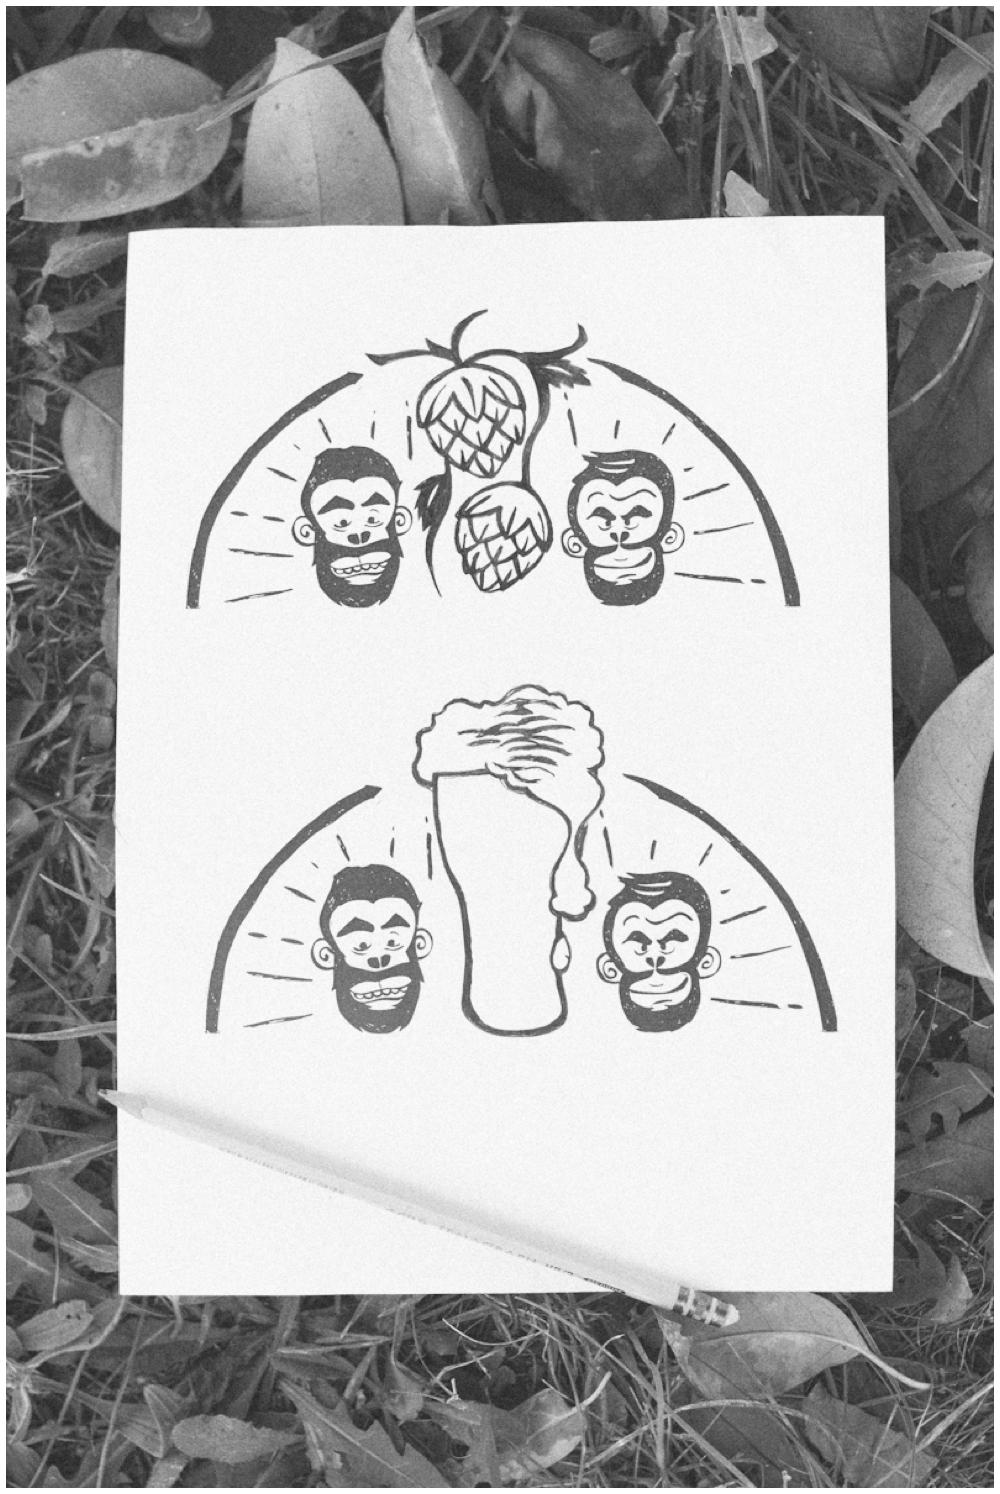 Monkeys Brand Auca Design_0007